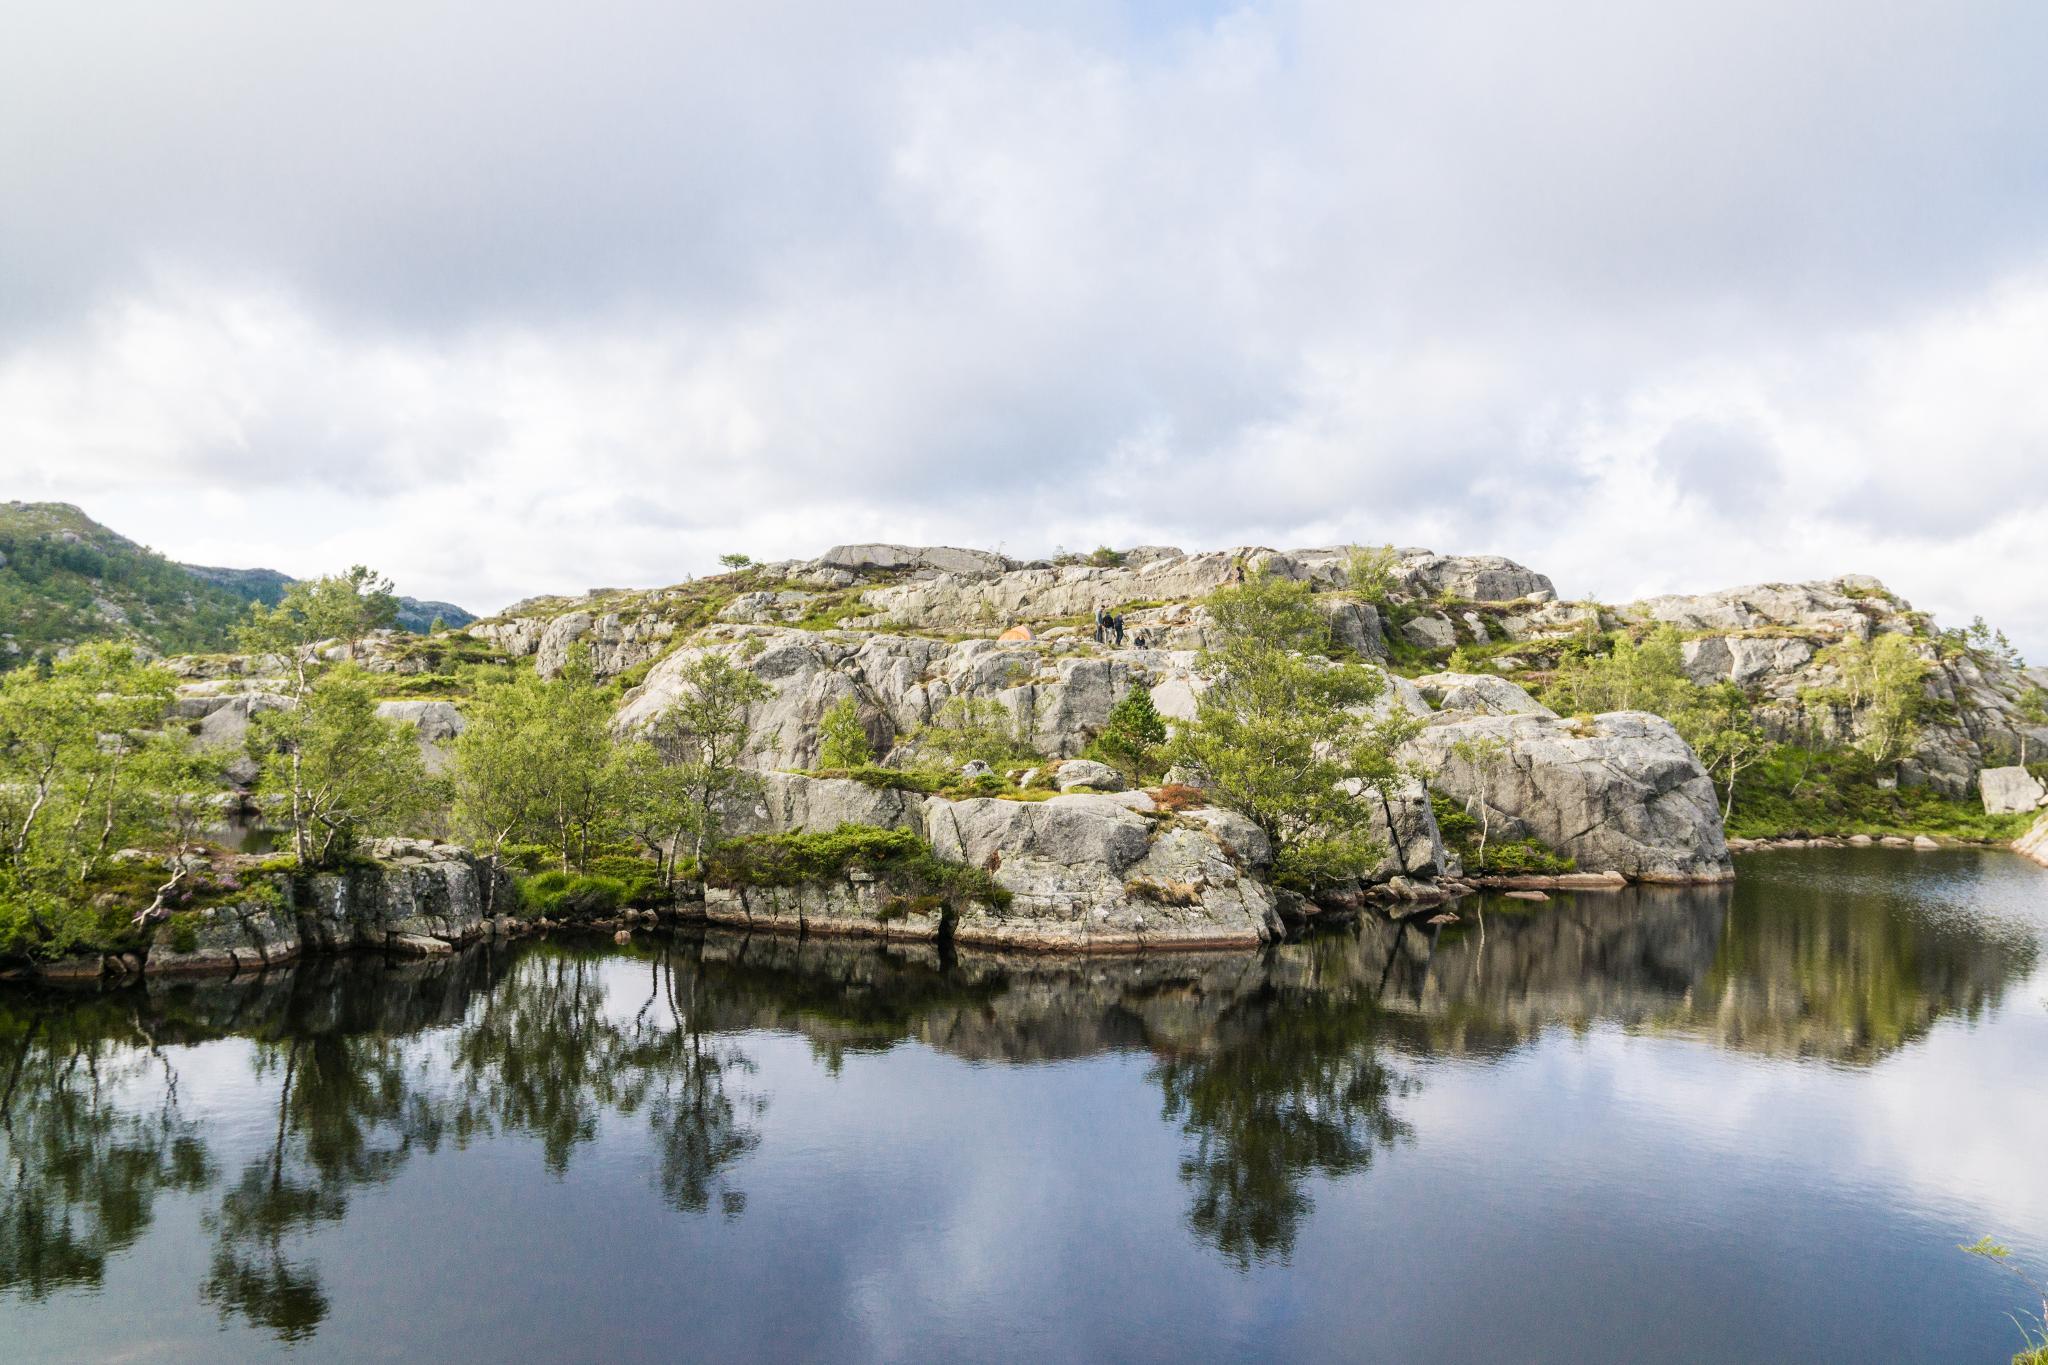 【北歐景點】朝聖挪威三大奇岩:聖壇岩Preikestolen健行紀錄 14